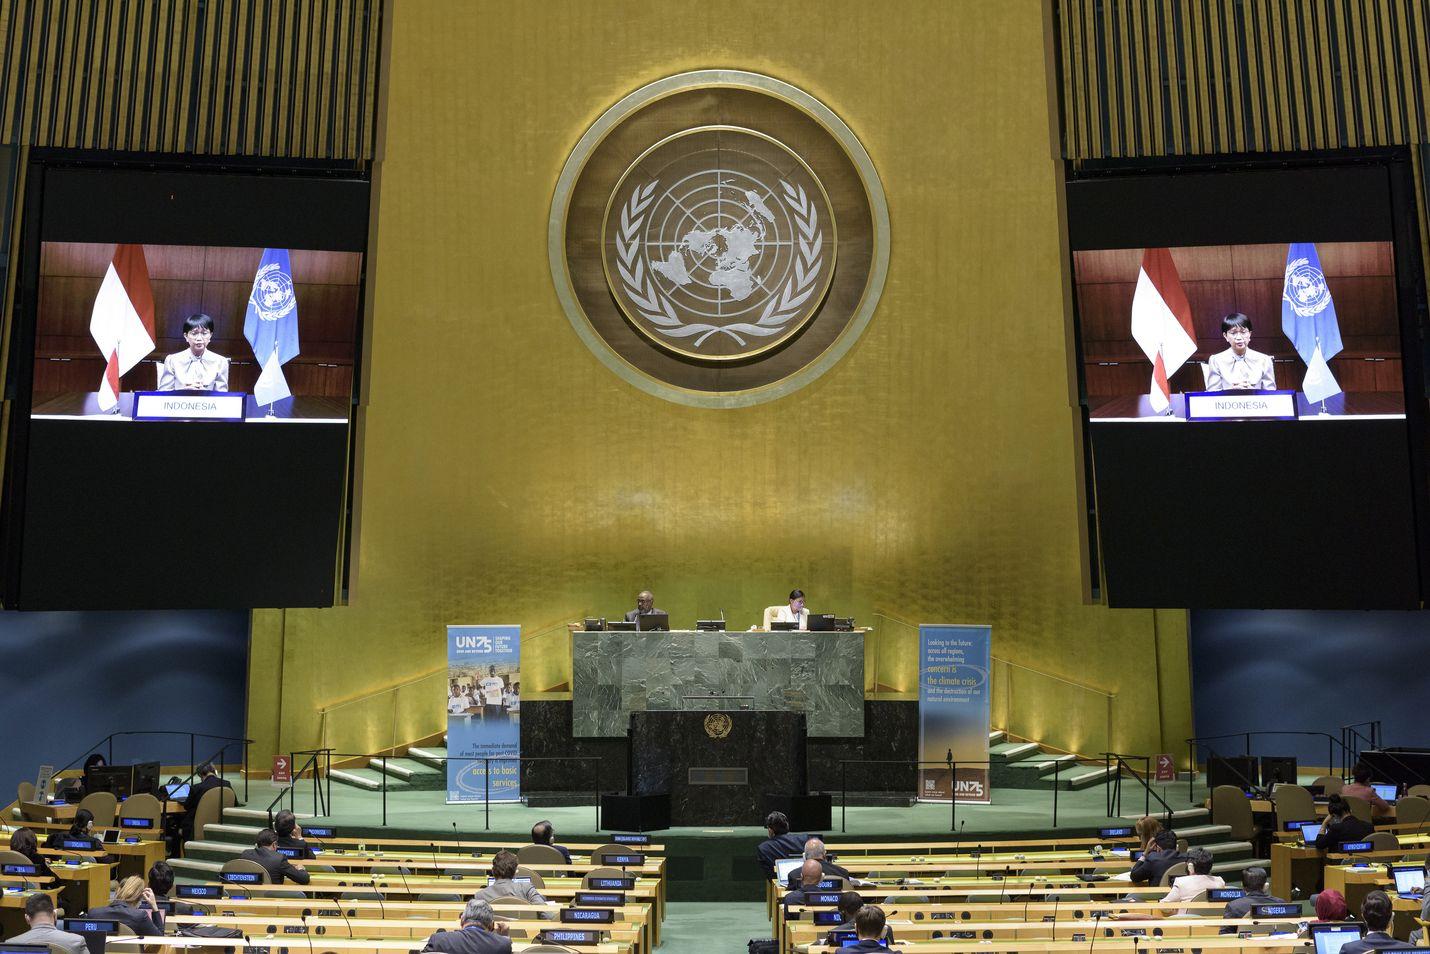 YK:n 75-vuotisjuhlaistunnossa New Yorkissa maanantaina olivat turvavälit kunniassa, paikalla oli vain noin kymmenesosa kokouksen normaalista osanottajien määrästä. Valtionpäät puhuvat tiistaista lähtien siellä videon välityksellä.